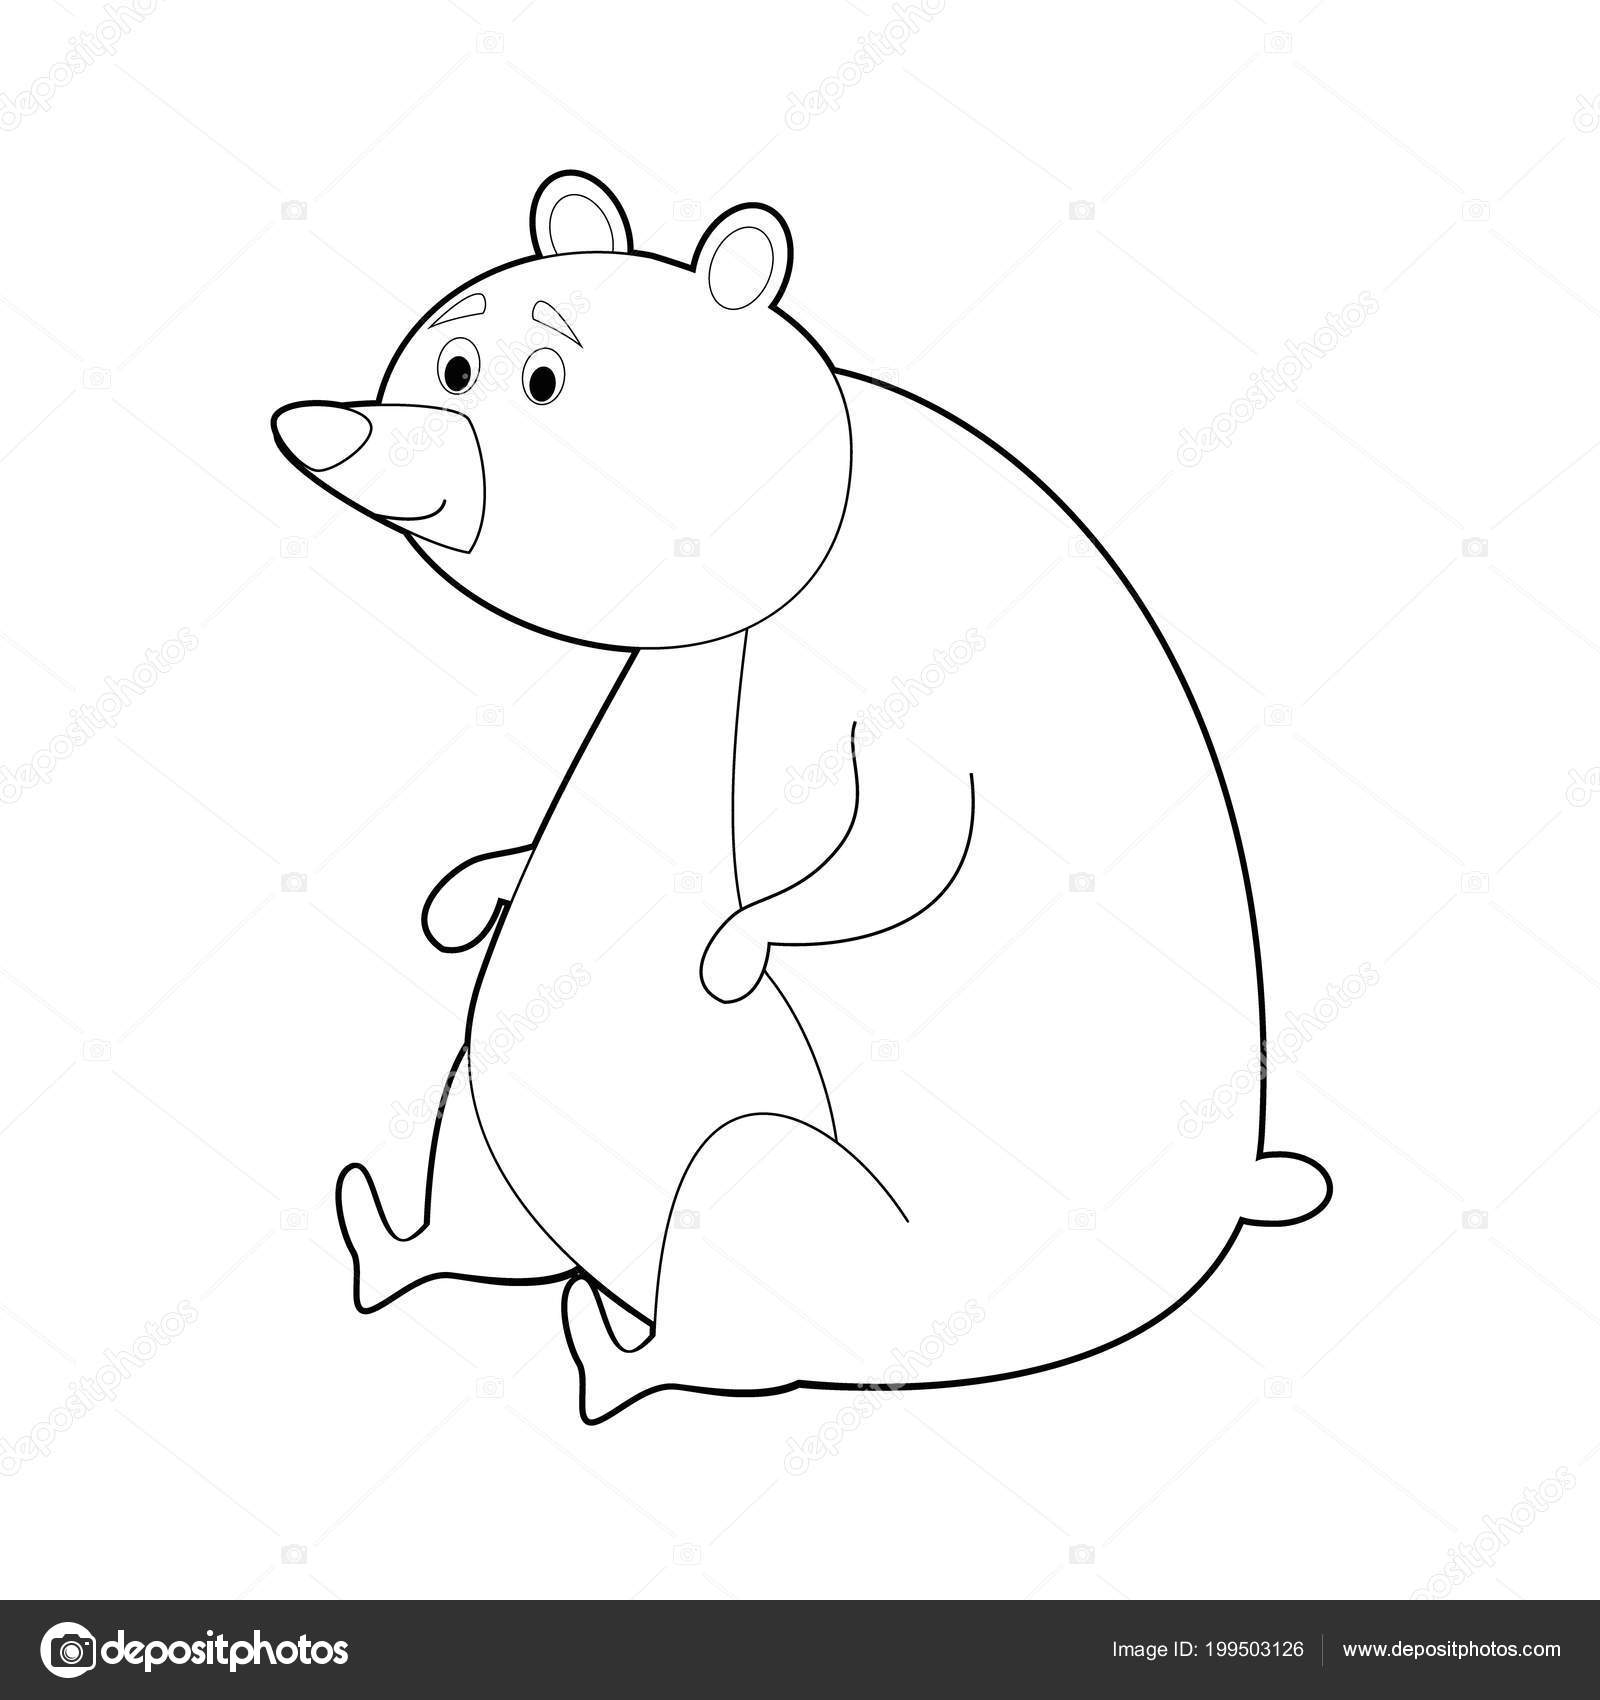 Vettore Orsetto Disegno Facile Facile Colorare Disegni Animali